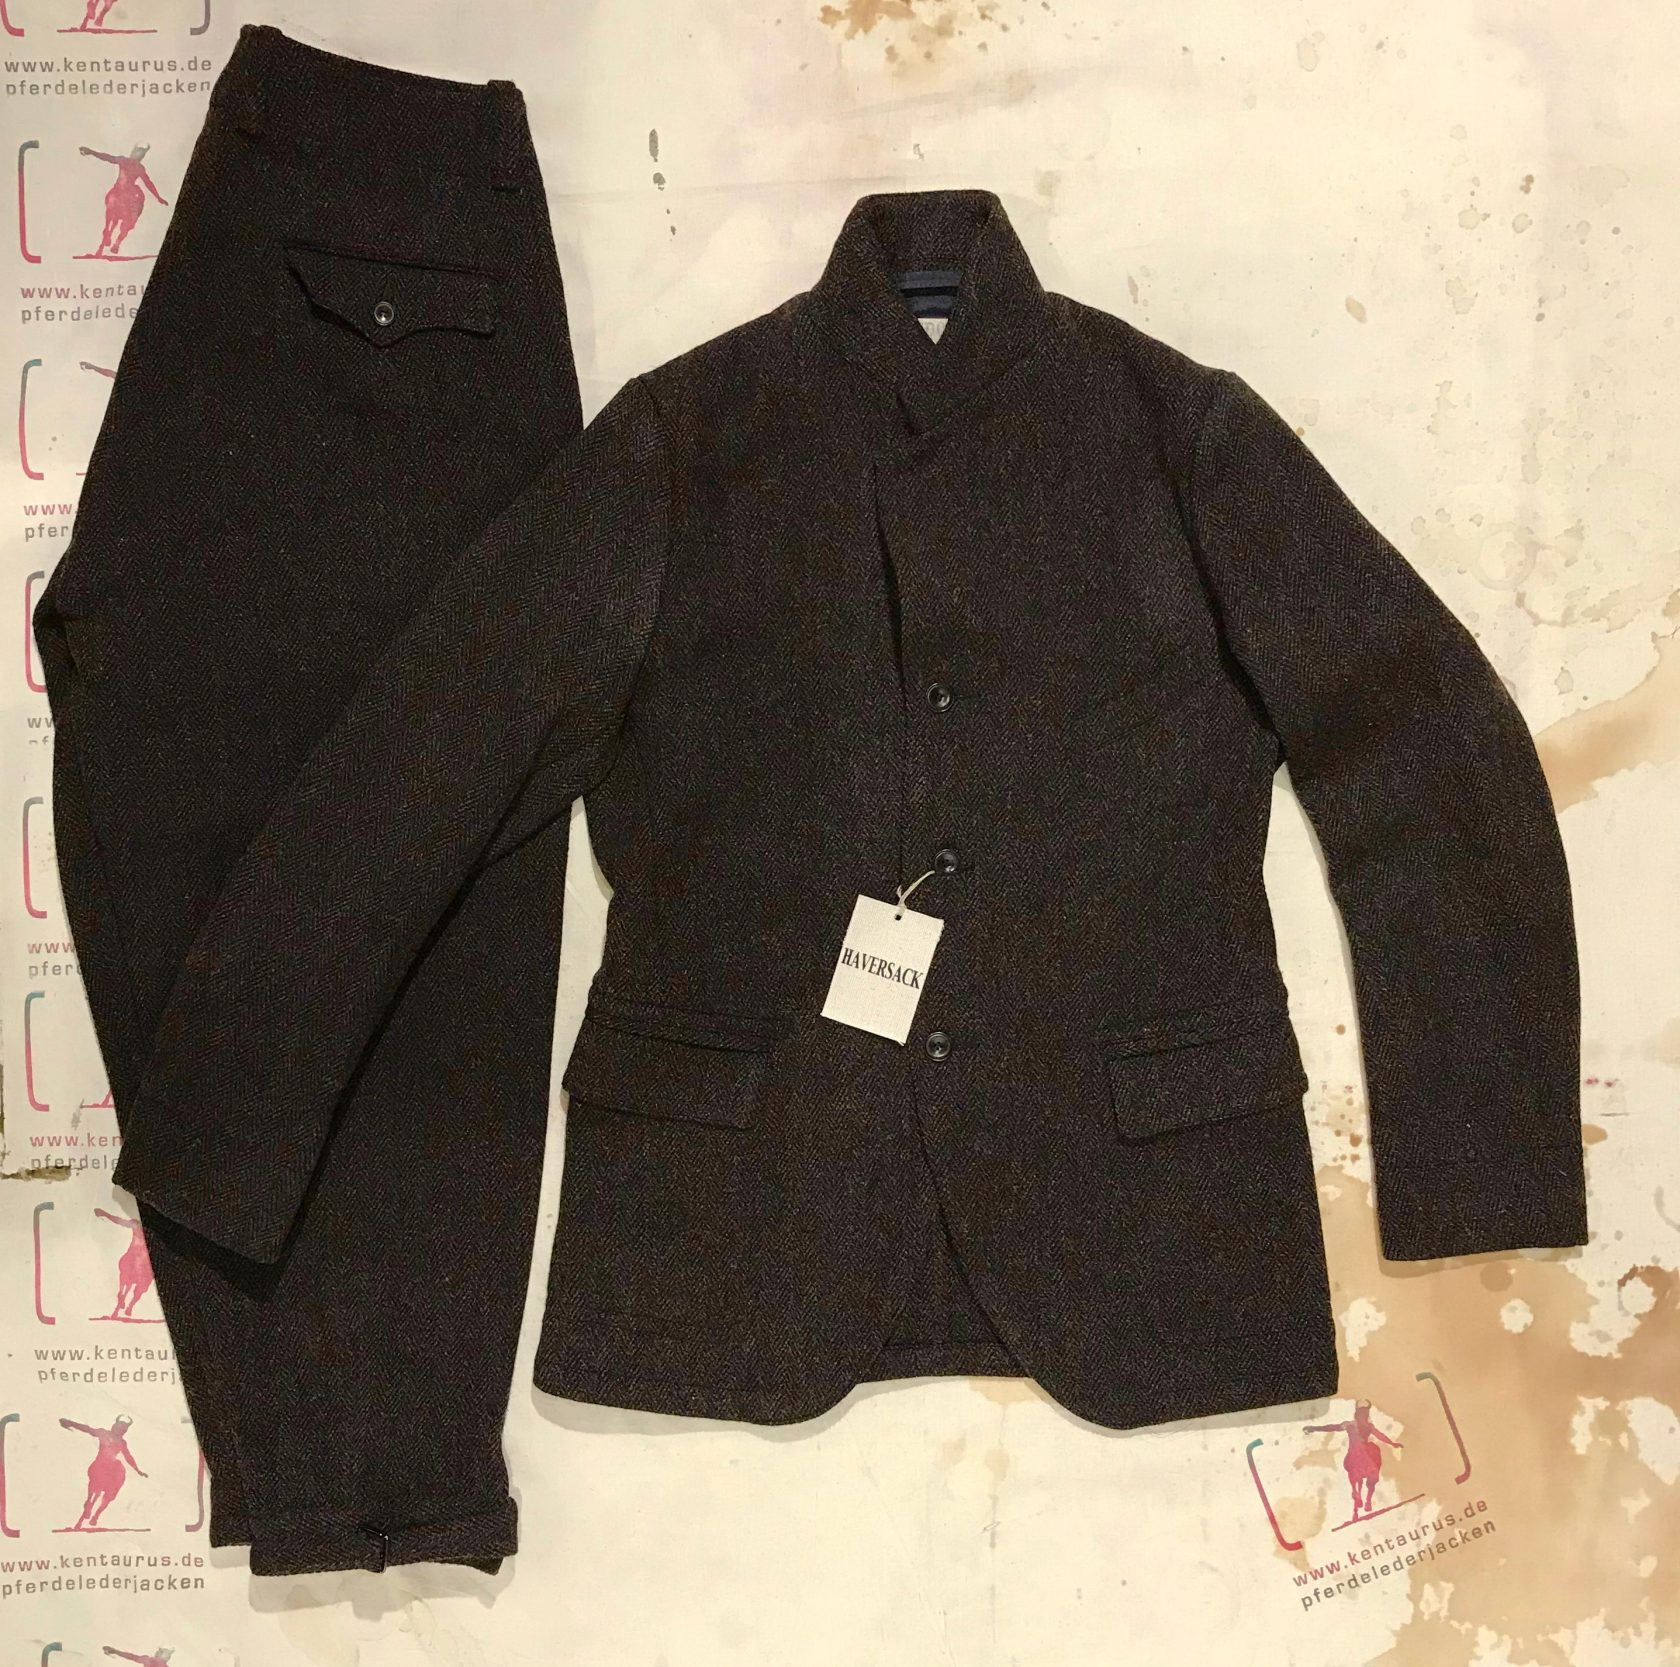 Haversack brown tweed suit